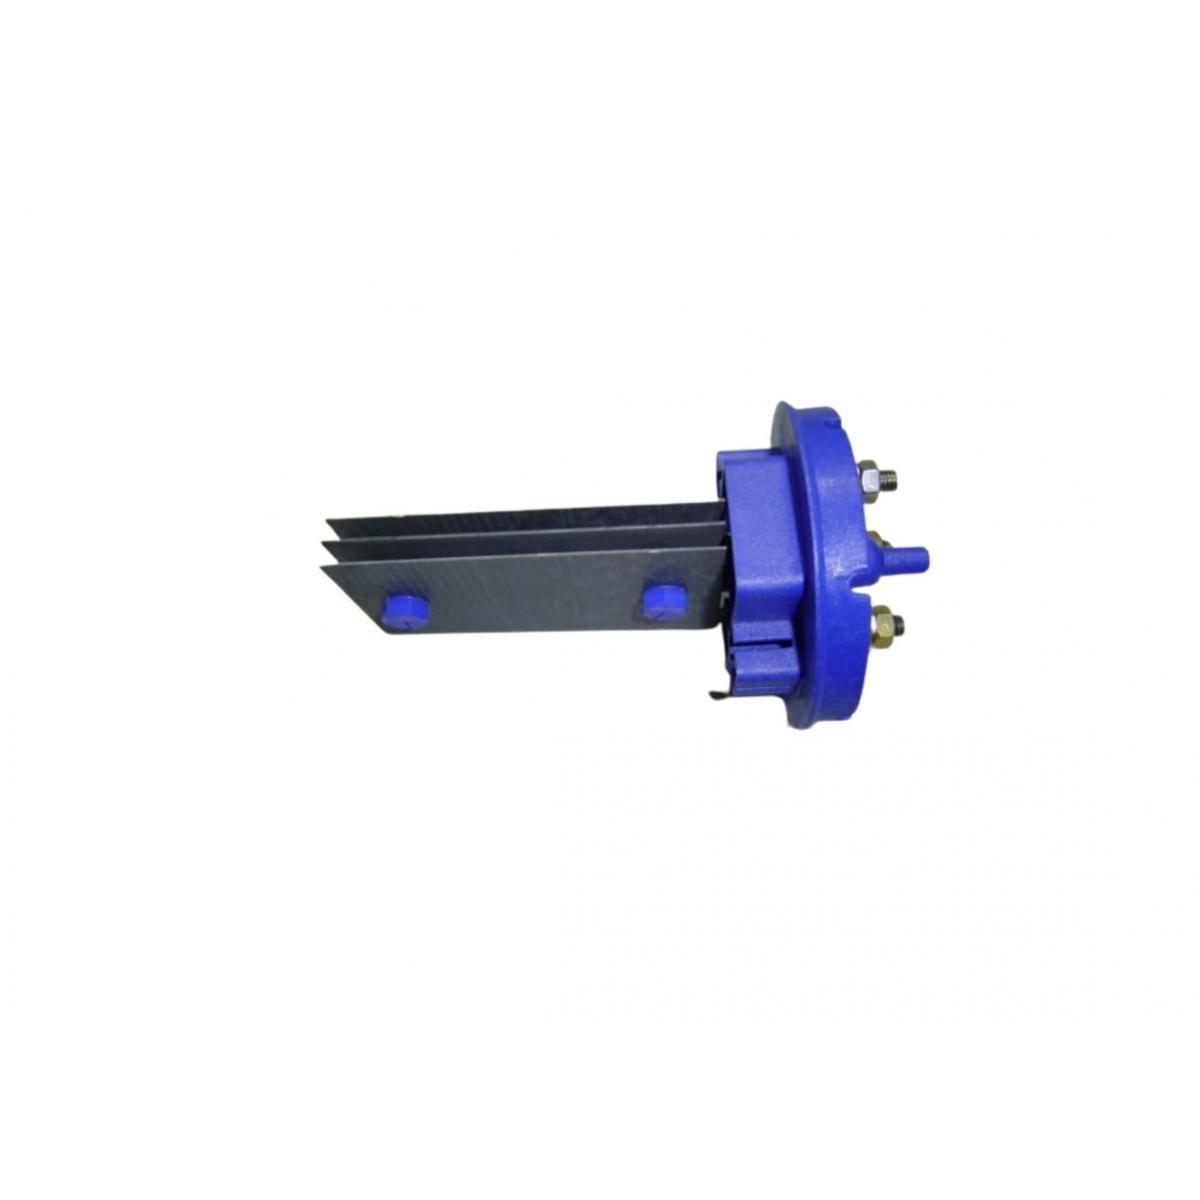 ELECTRODE FOR SMART+/SMART+pH /ELITE 59